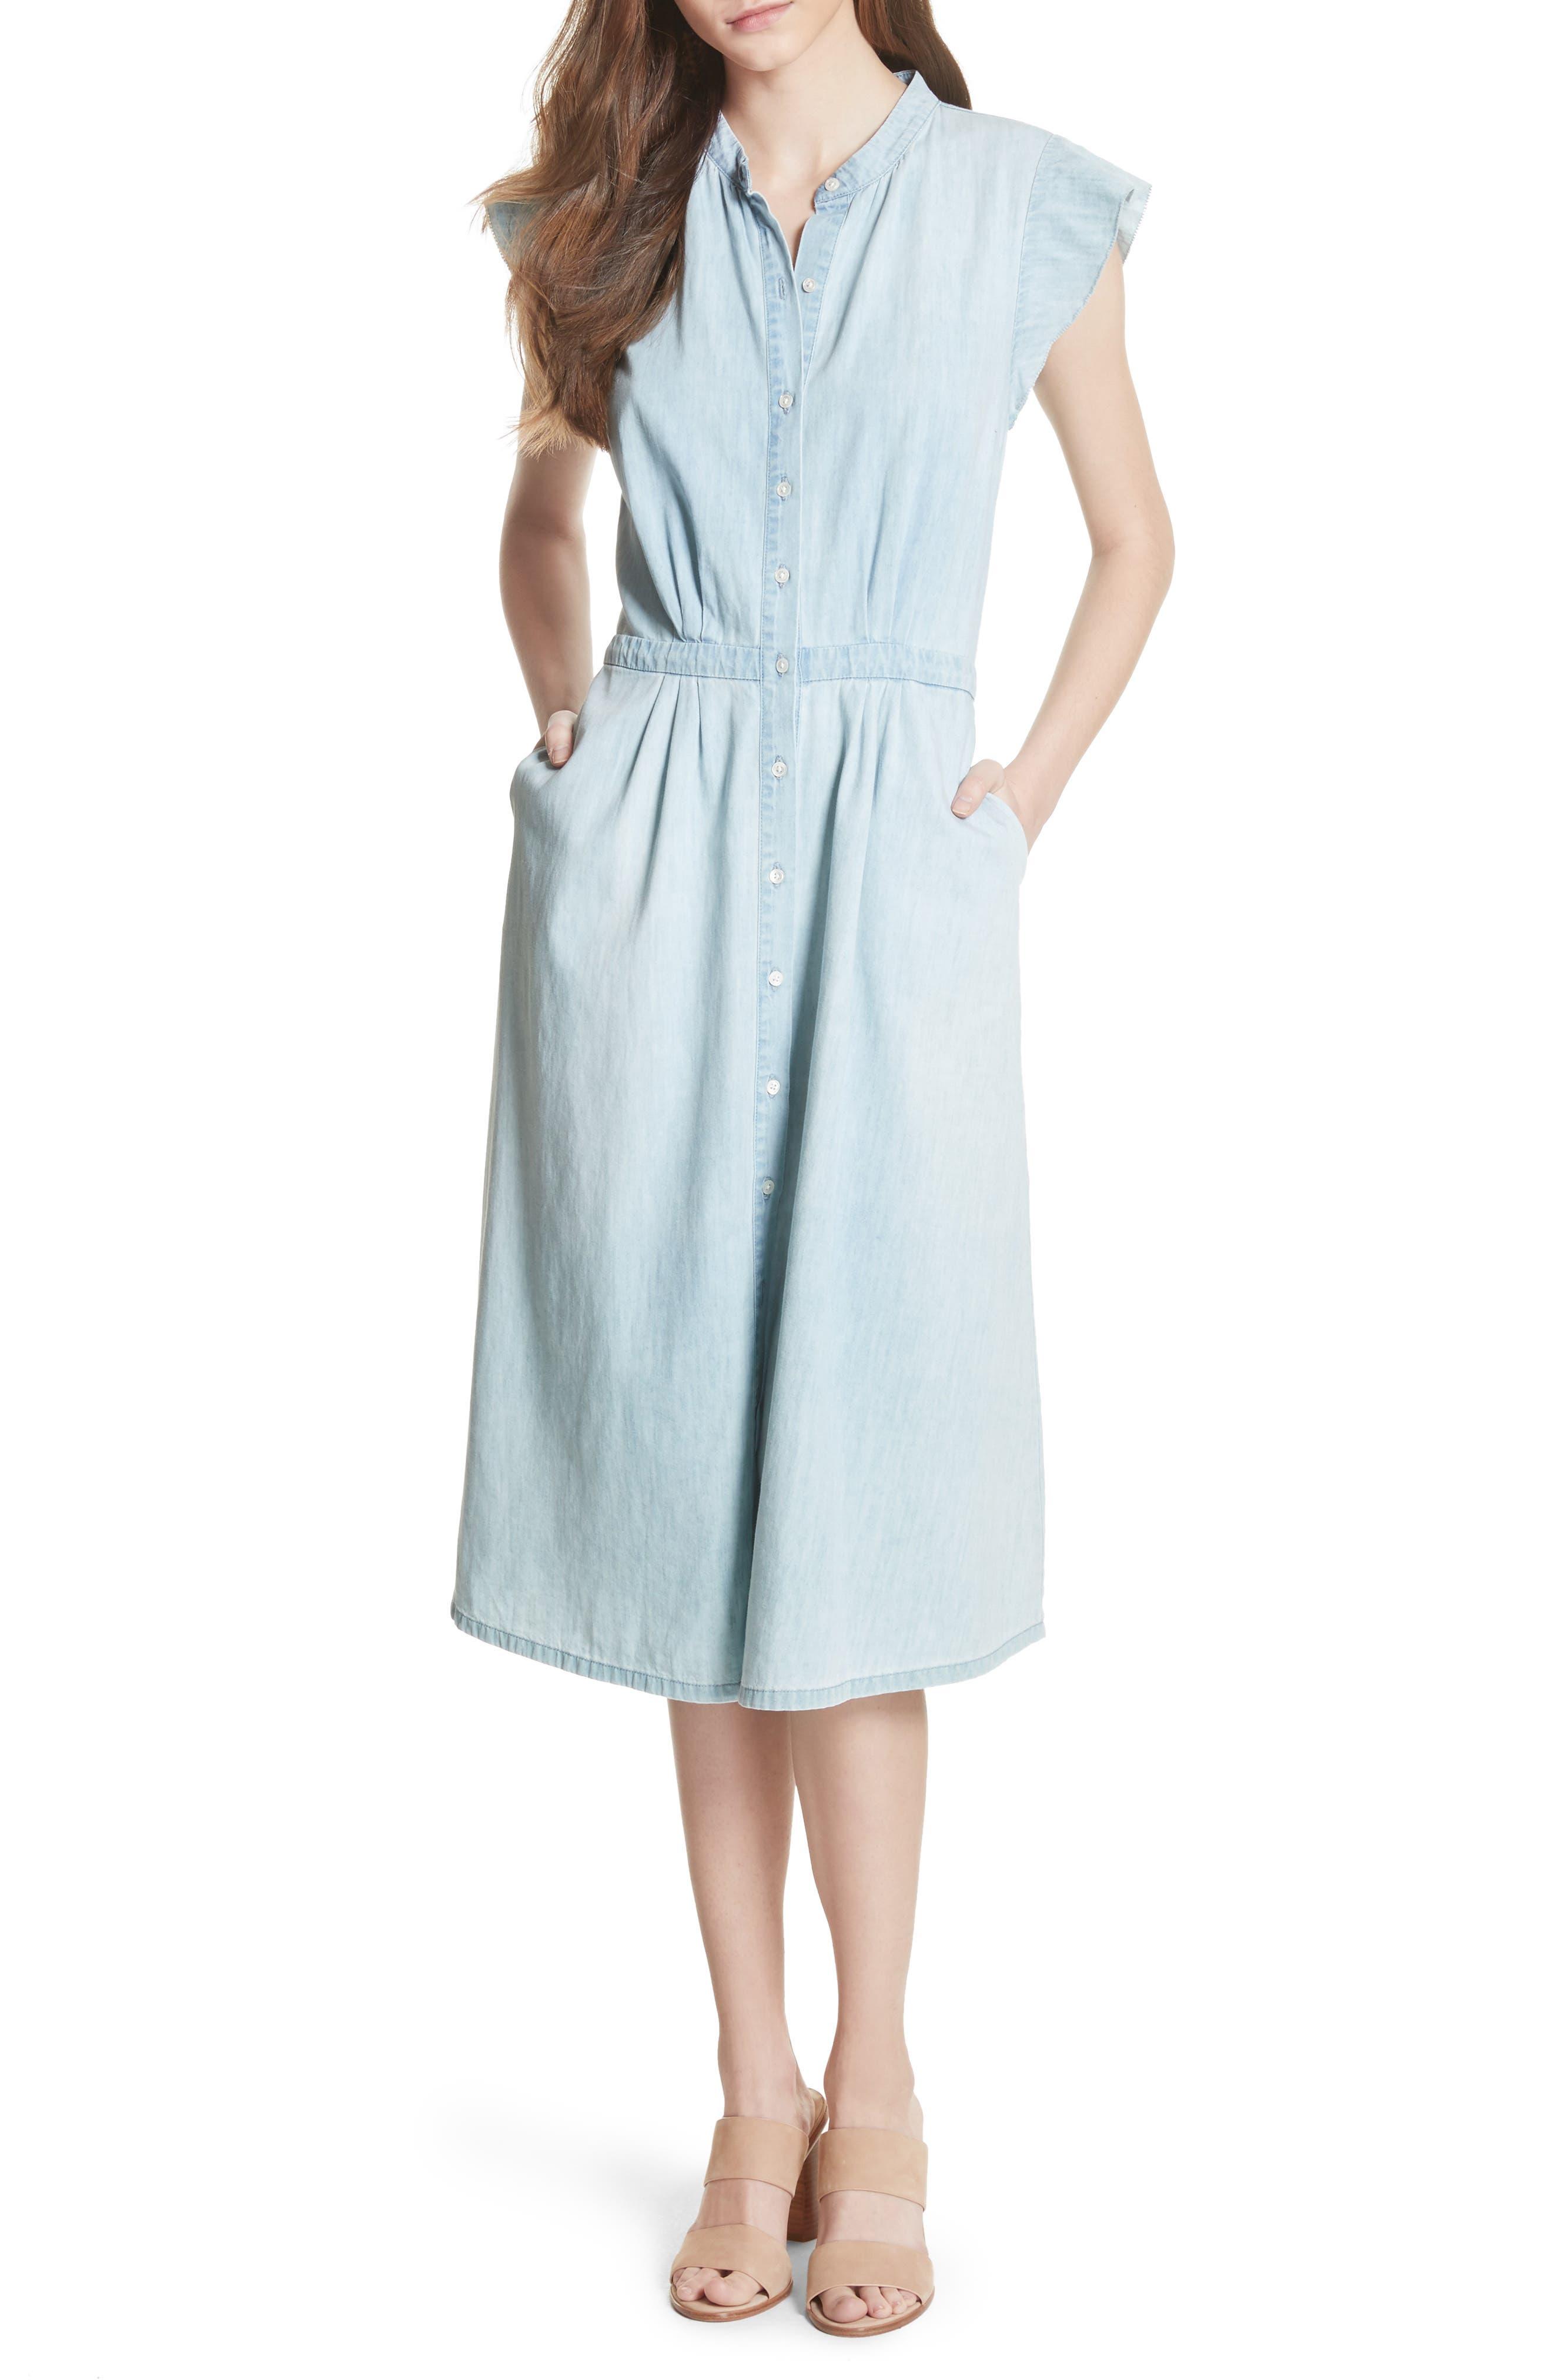 Joie Awel Ruffle Chambray Shirtdress